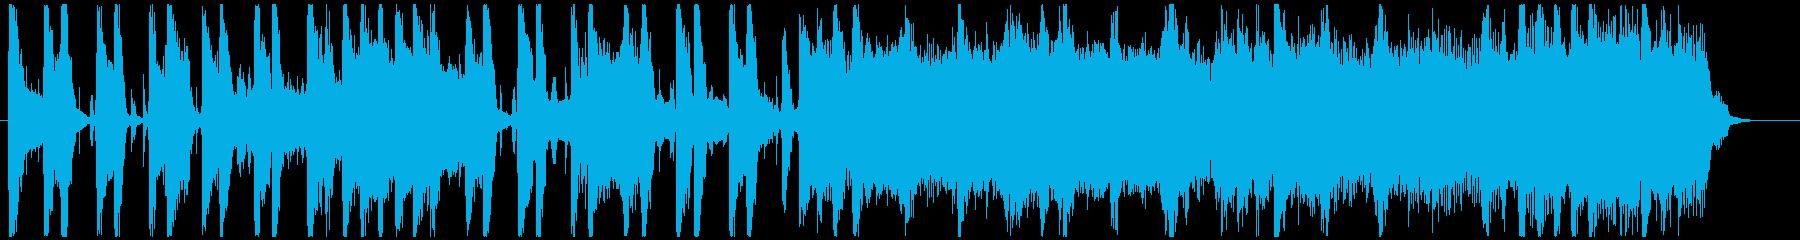 暖かなブルース調フュージョンBGMの再生済みの波形